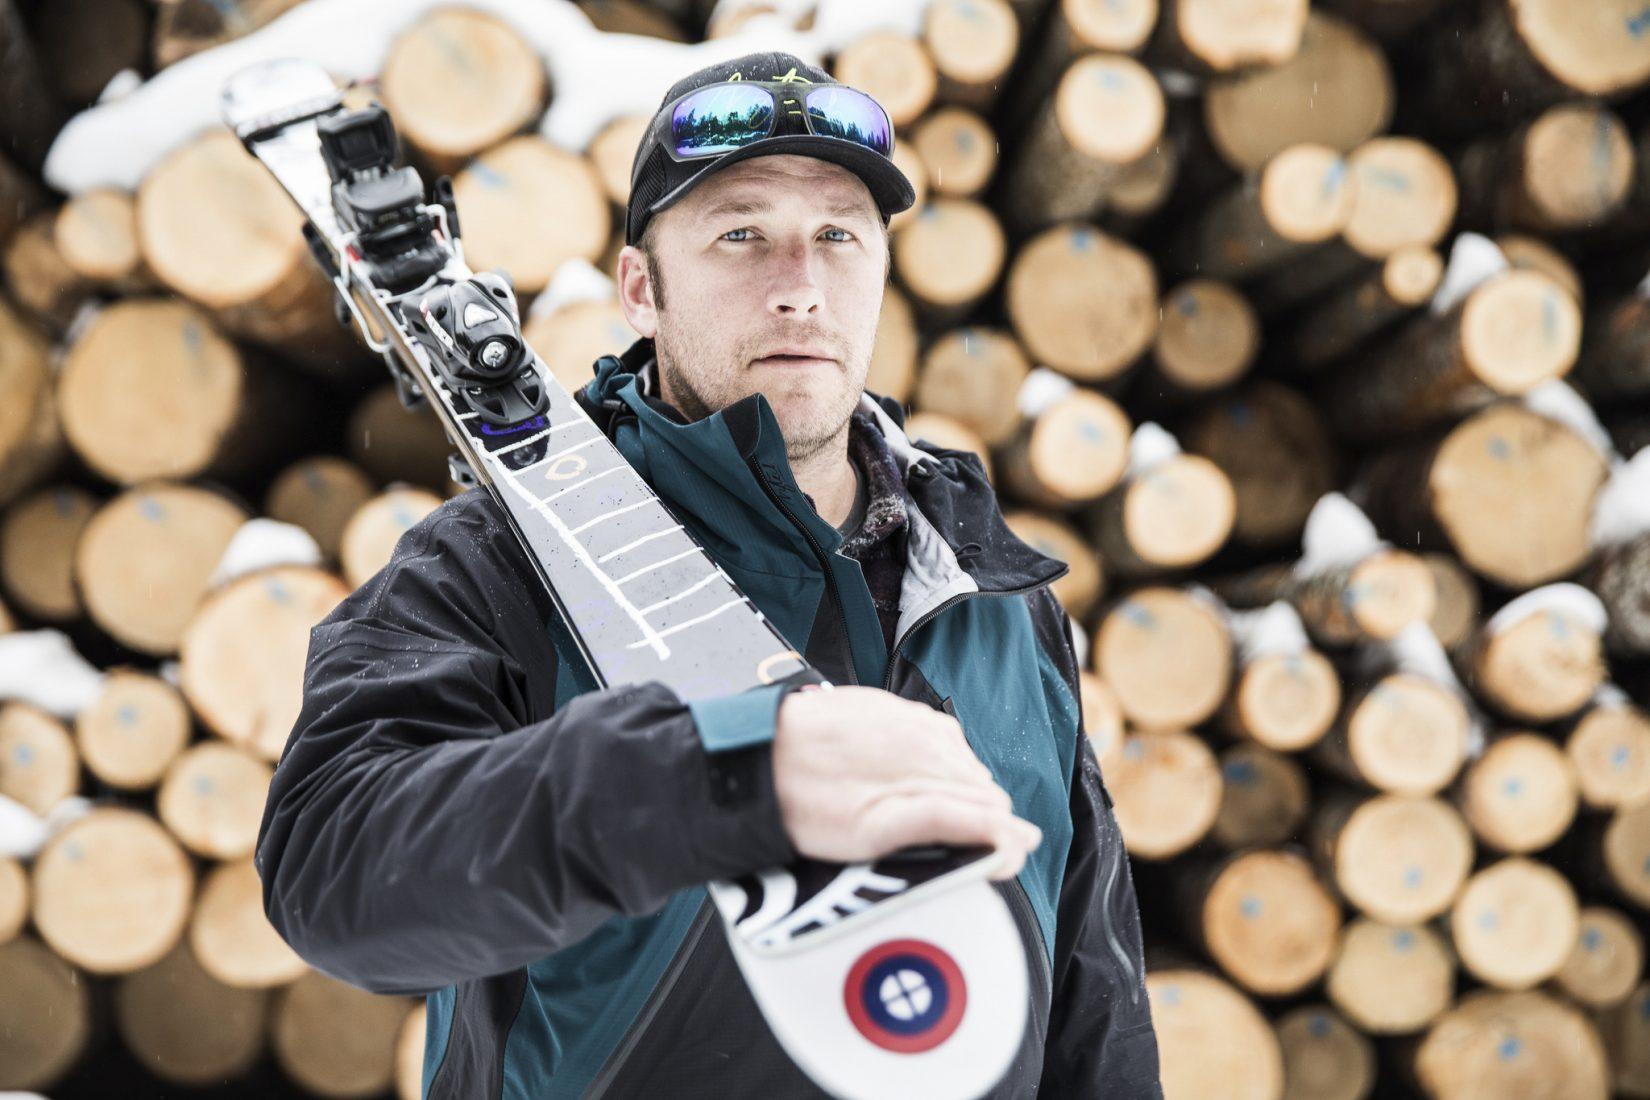 Interview: Skier Bode Miller